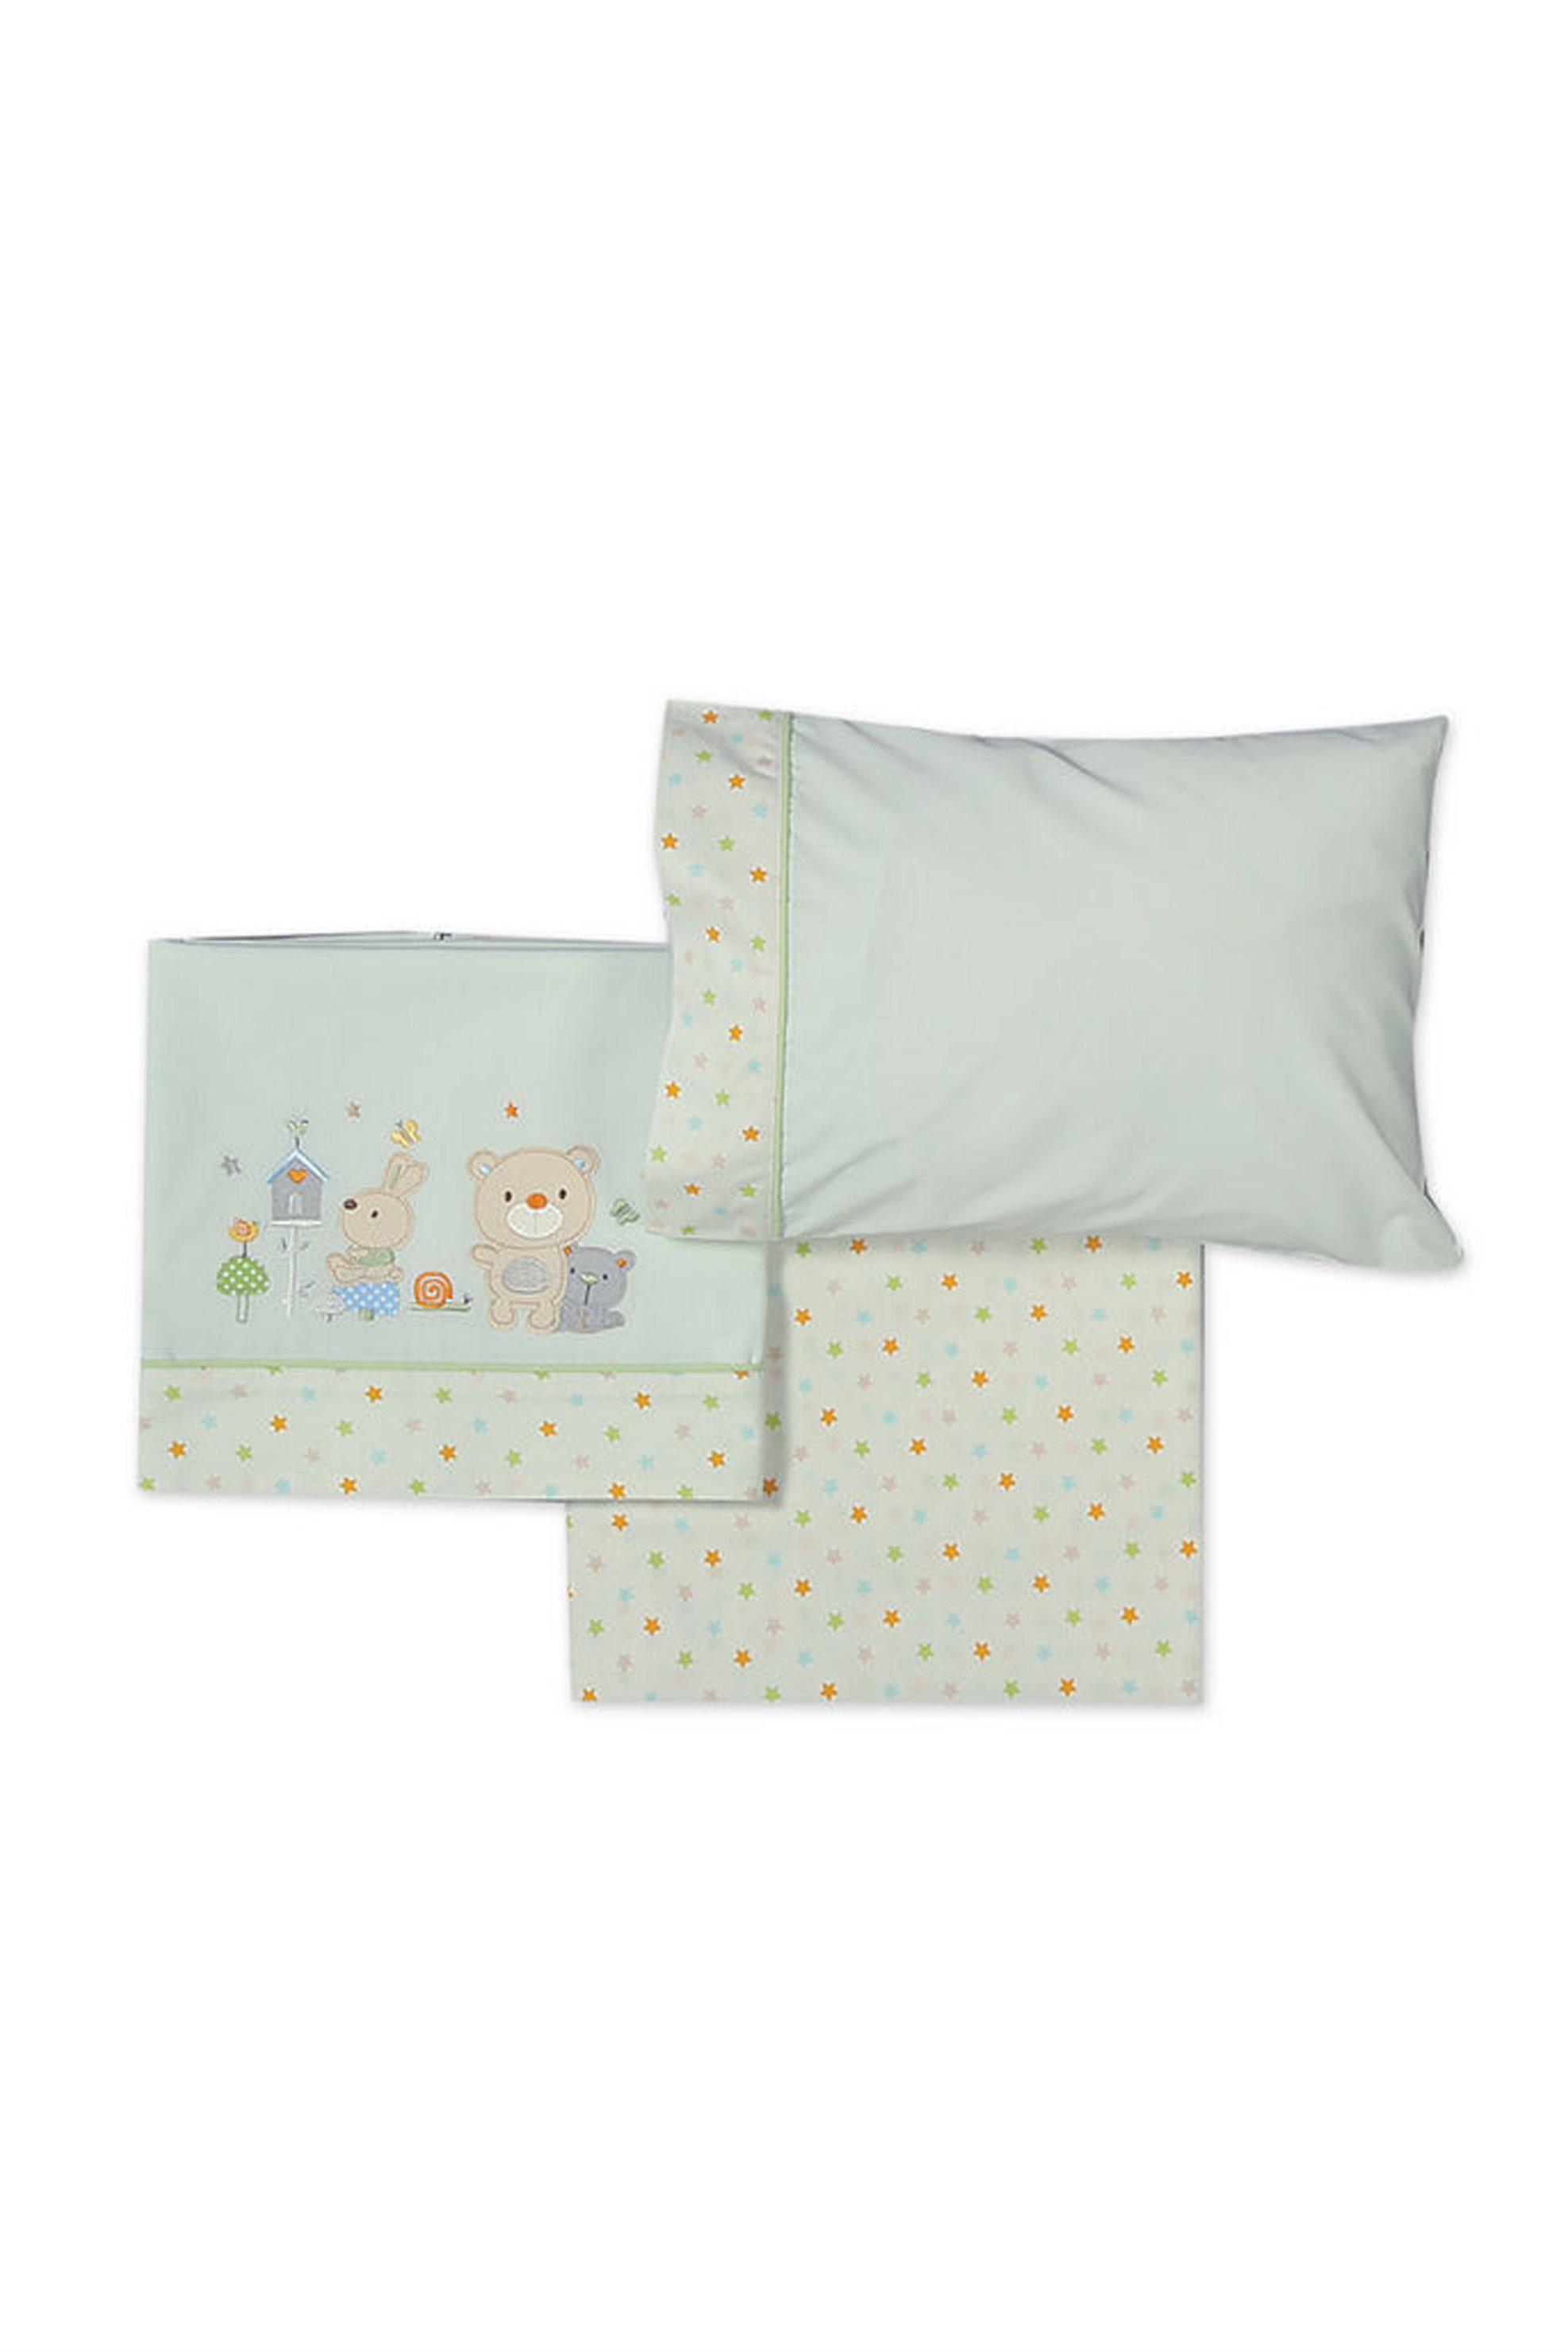 Σετ βρεφικά σεντόνια κούνιας Cute Buddies NEF-NEF - 019276 - Πράσινο home   παιδια   σεντόνια   σετ παιδικά σεντόνια